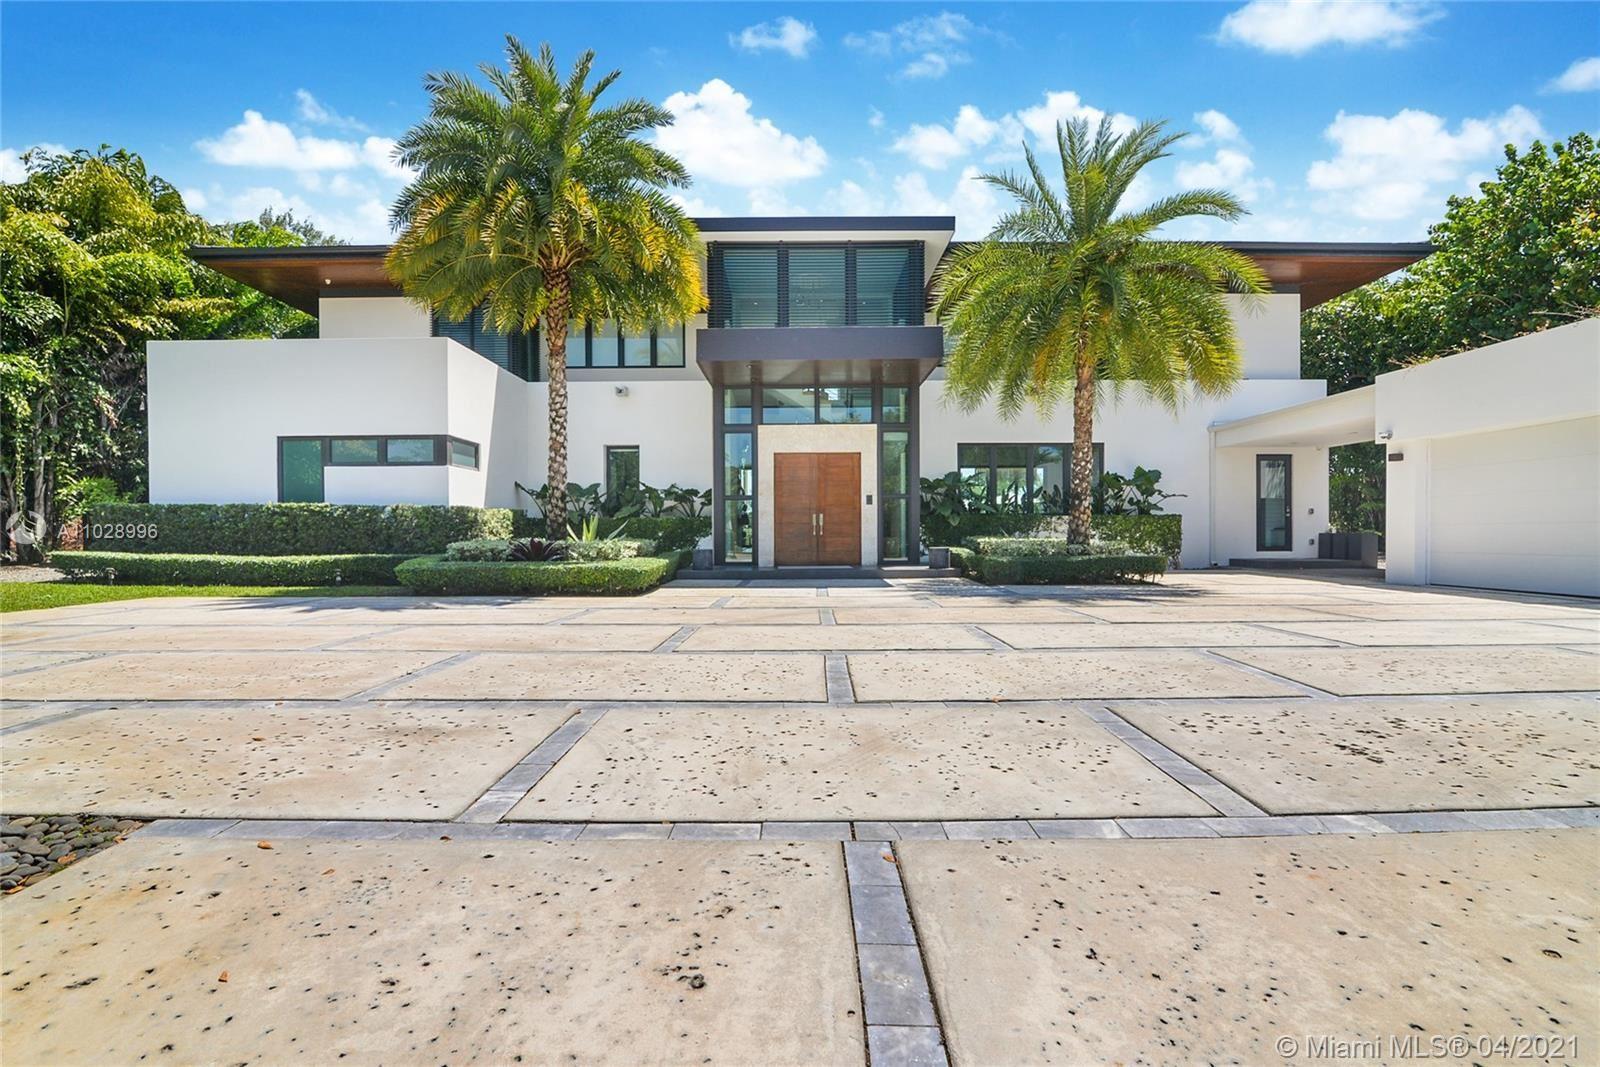 7210 S Prestwick Pl, Miami Lakes, FL 33014 - #: A11028996